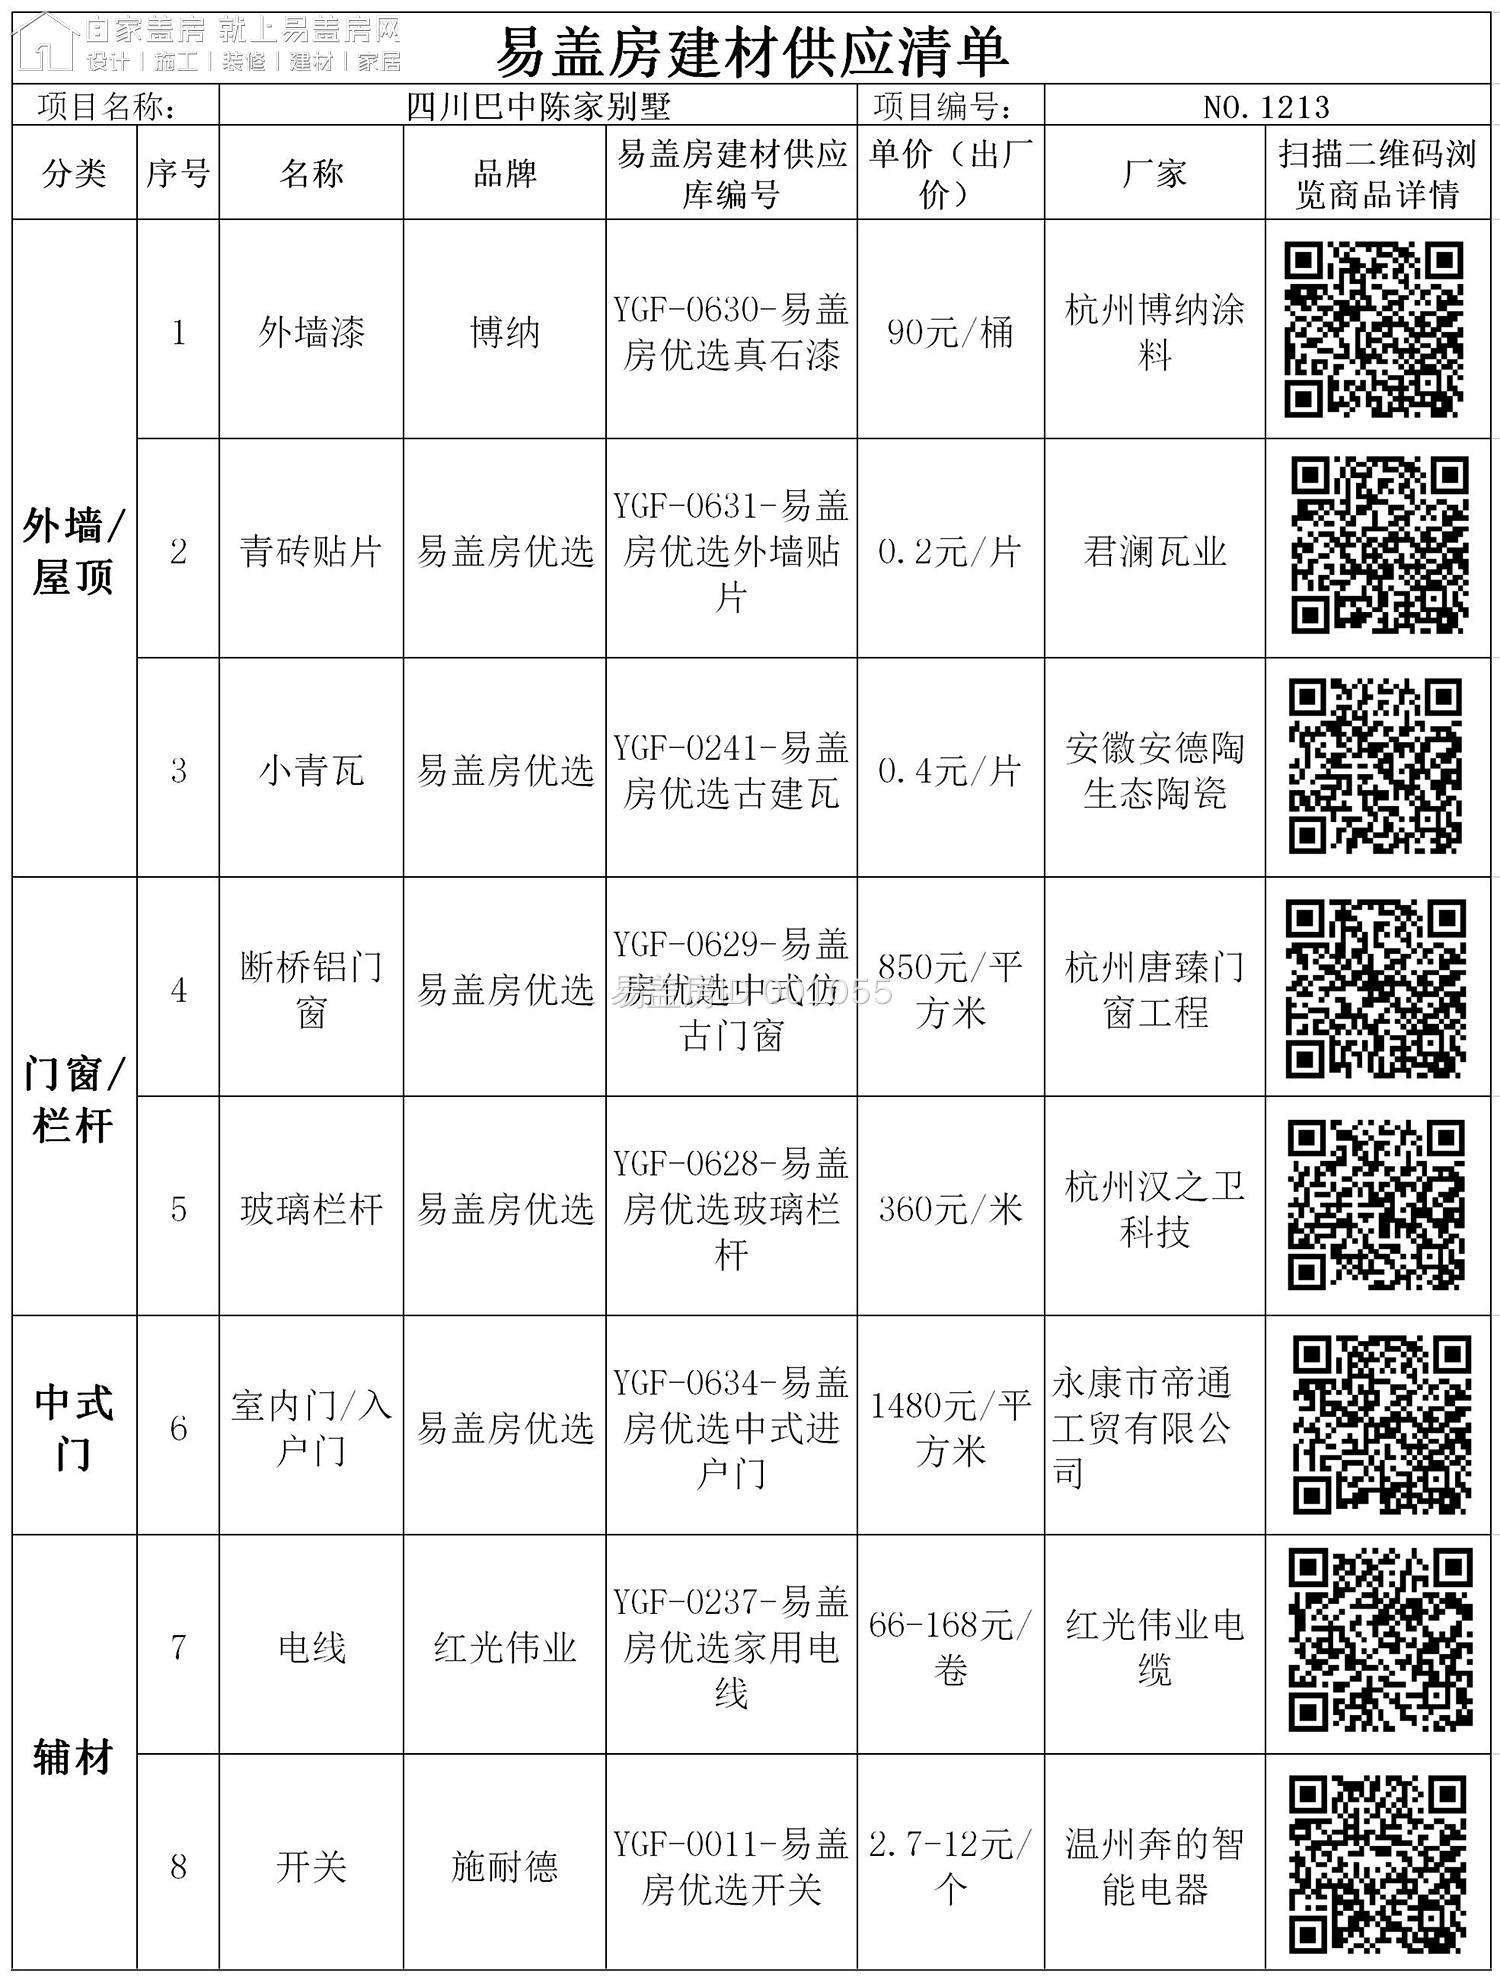 易盖房建材供应清单-四川巴中陈东.jpg